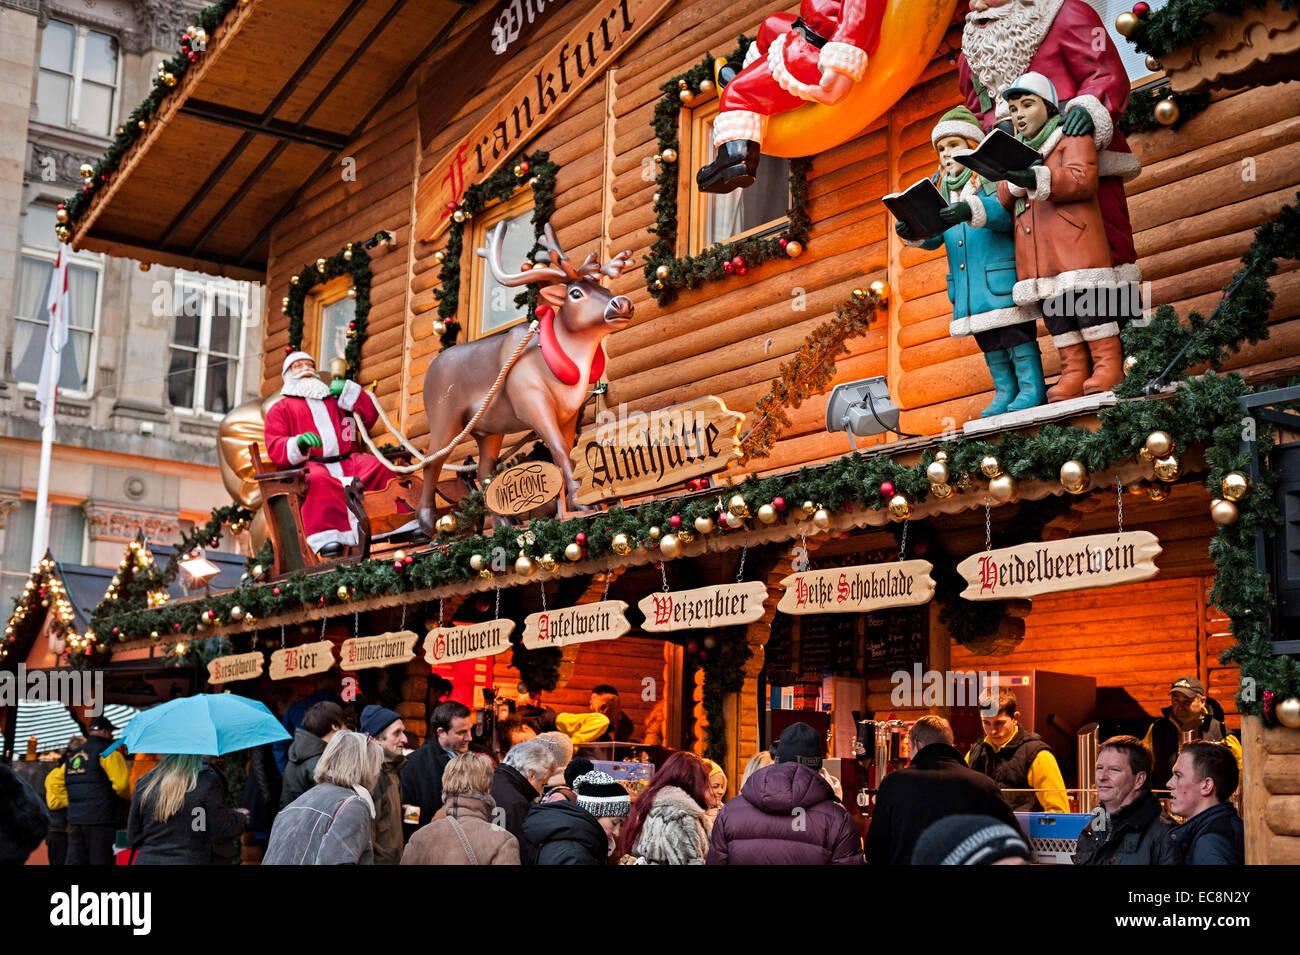 Noël birmingham marché allemand 8 décembre 2014 l'un des plus importants à l'extérieur Photo Stock